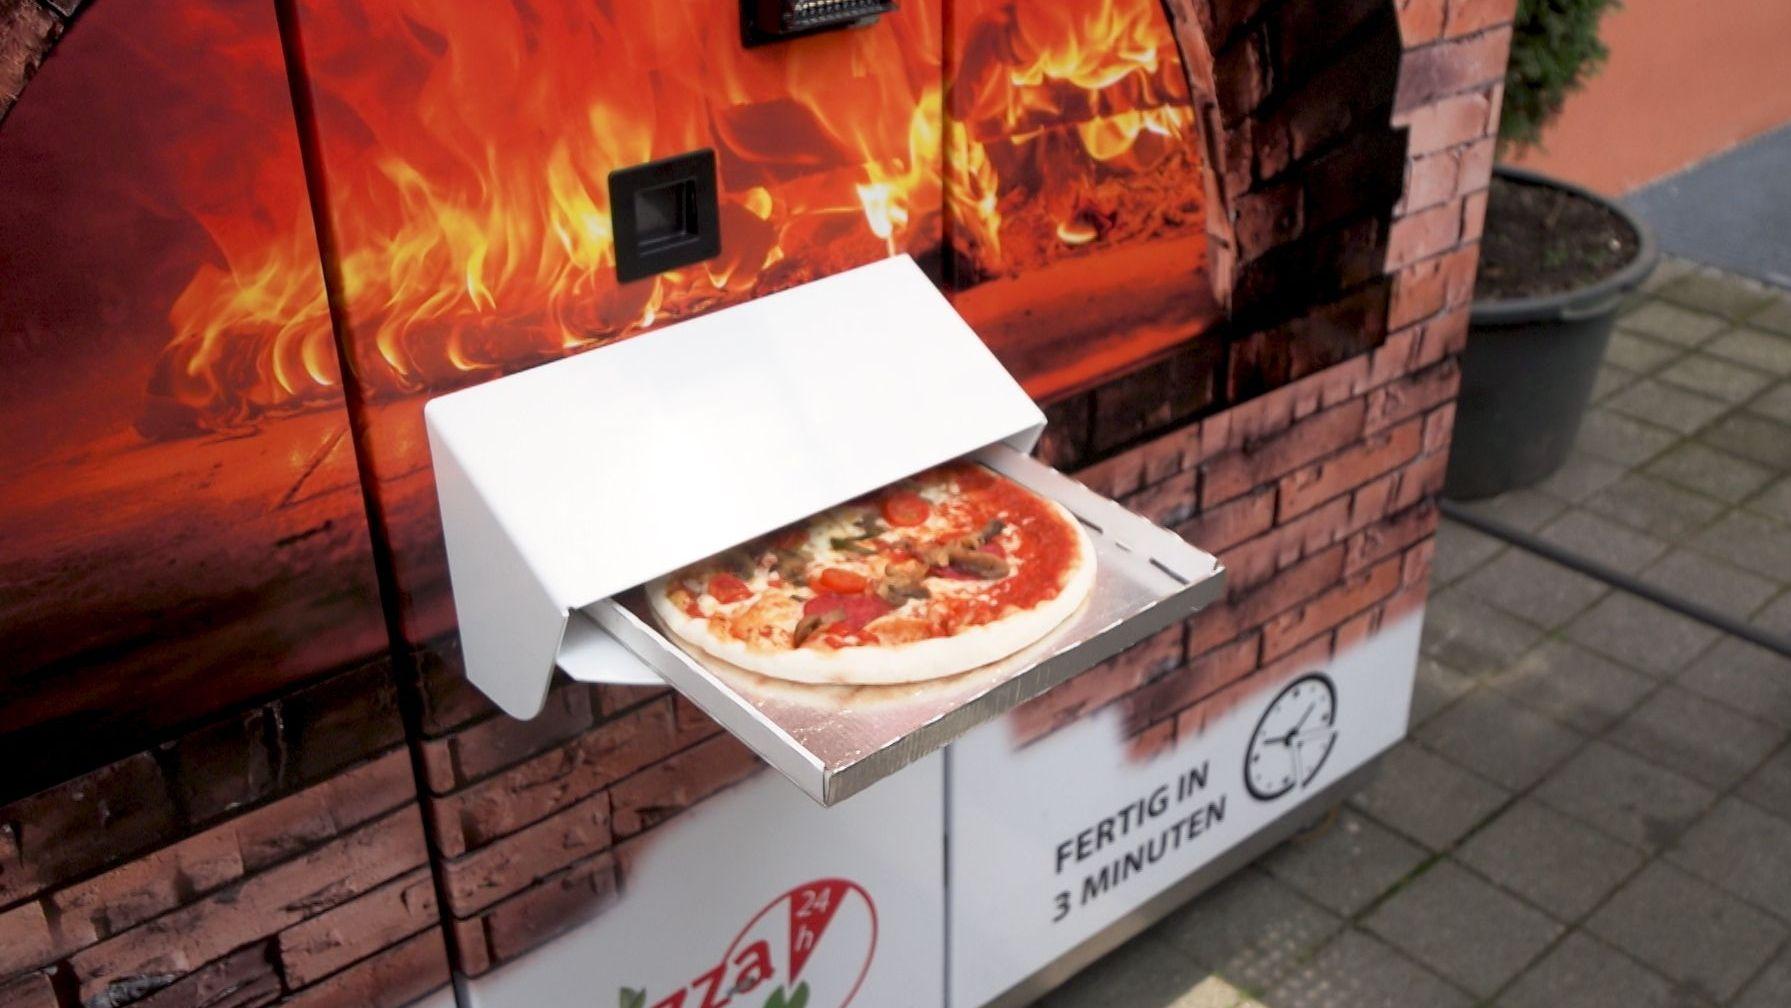 Pizza-Automat in Augsburg: Eine Pizza liegt fertig im Ausgabefach